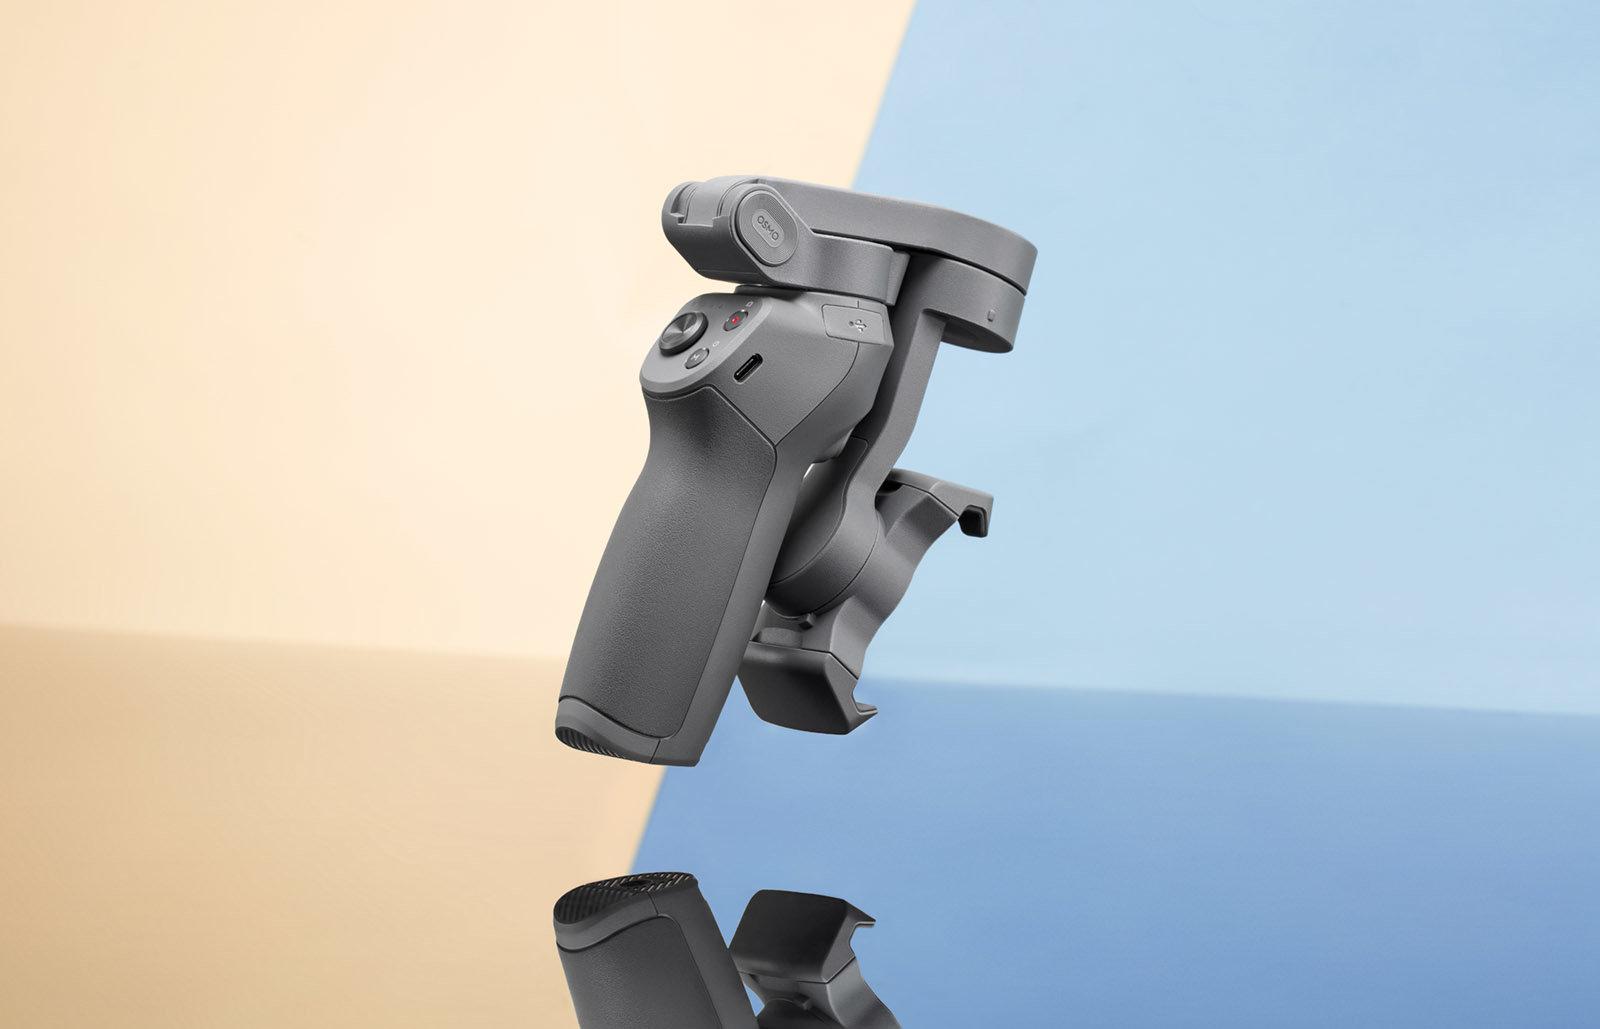 صورة DJI تقدم رسمياً Osmo 3 بتصميم قابل للطي وسعر 119 دولار فقط